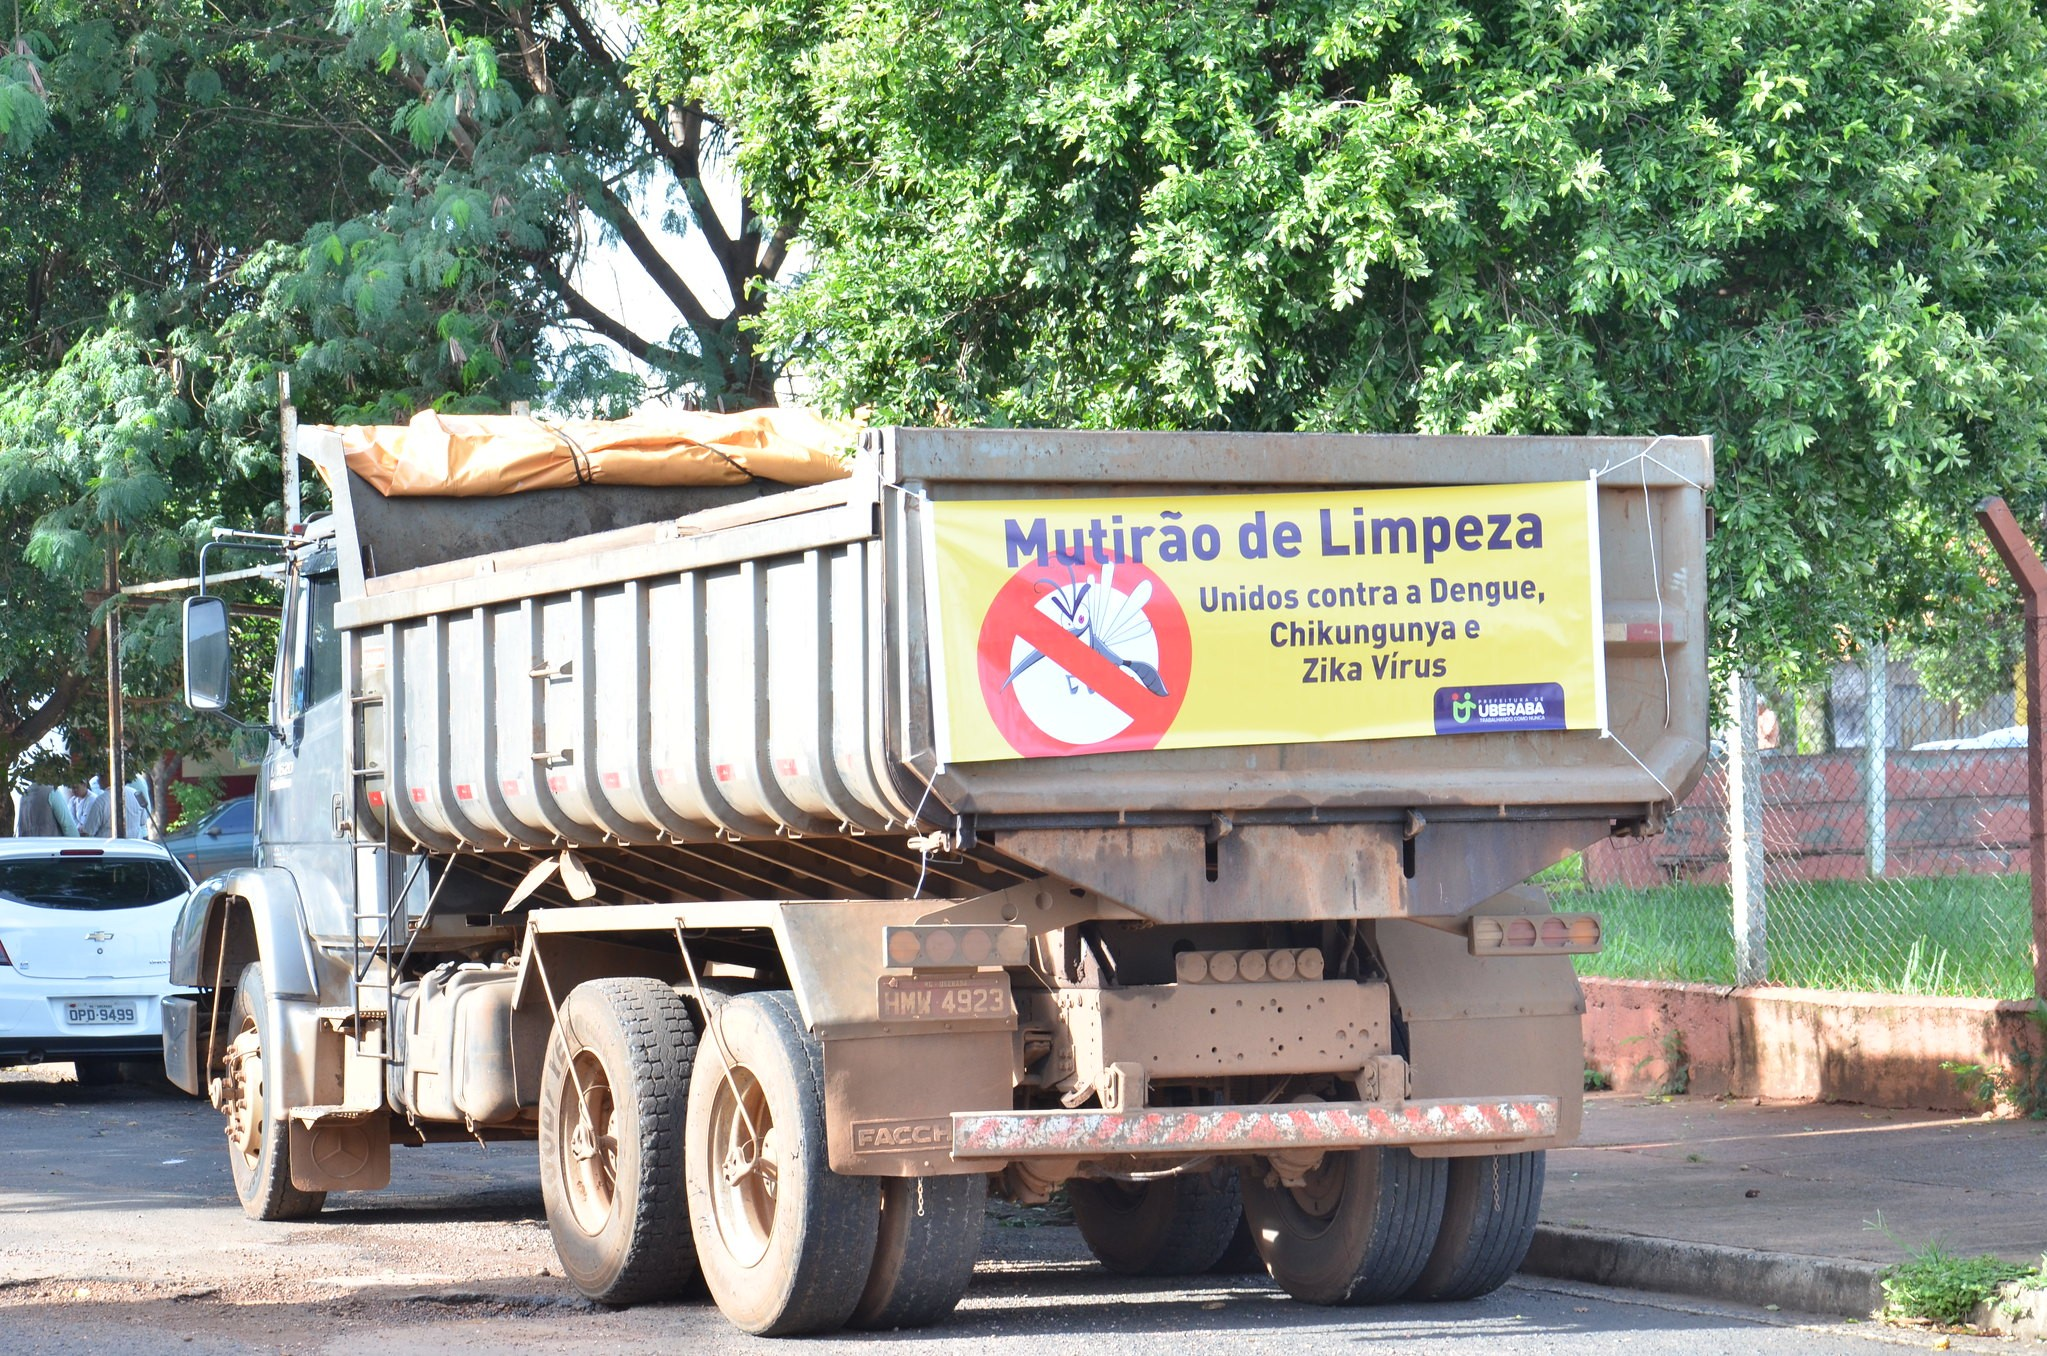 Mutirão de limpeza em Uberaba recolhe 48,5 toneladas de entulhos em sete meses